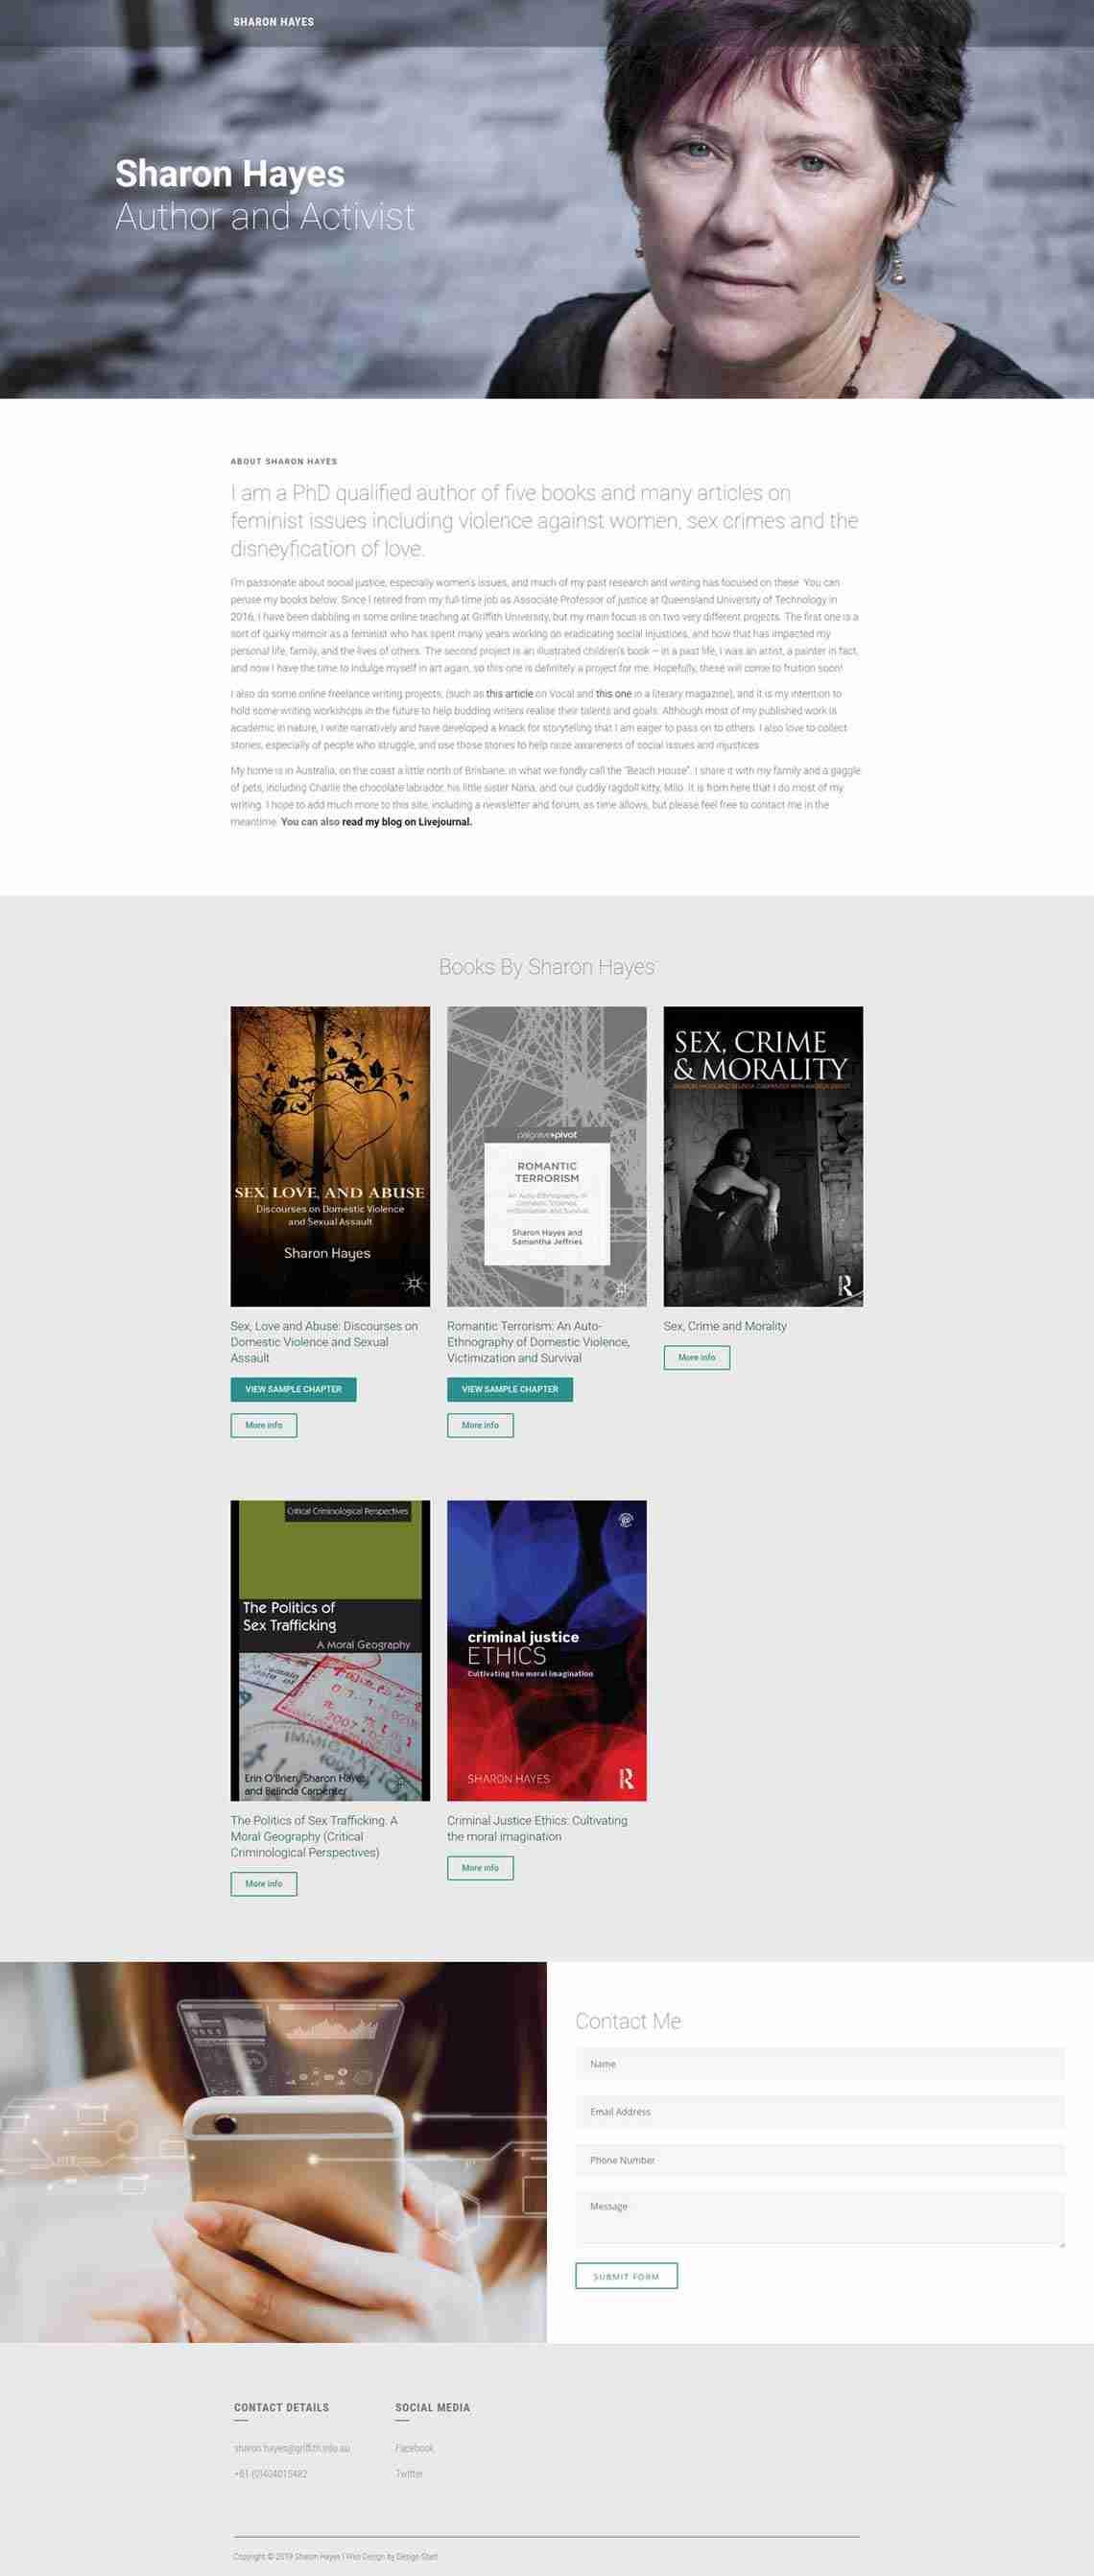 website design for sharon hayes